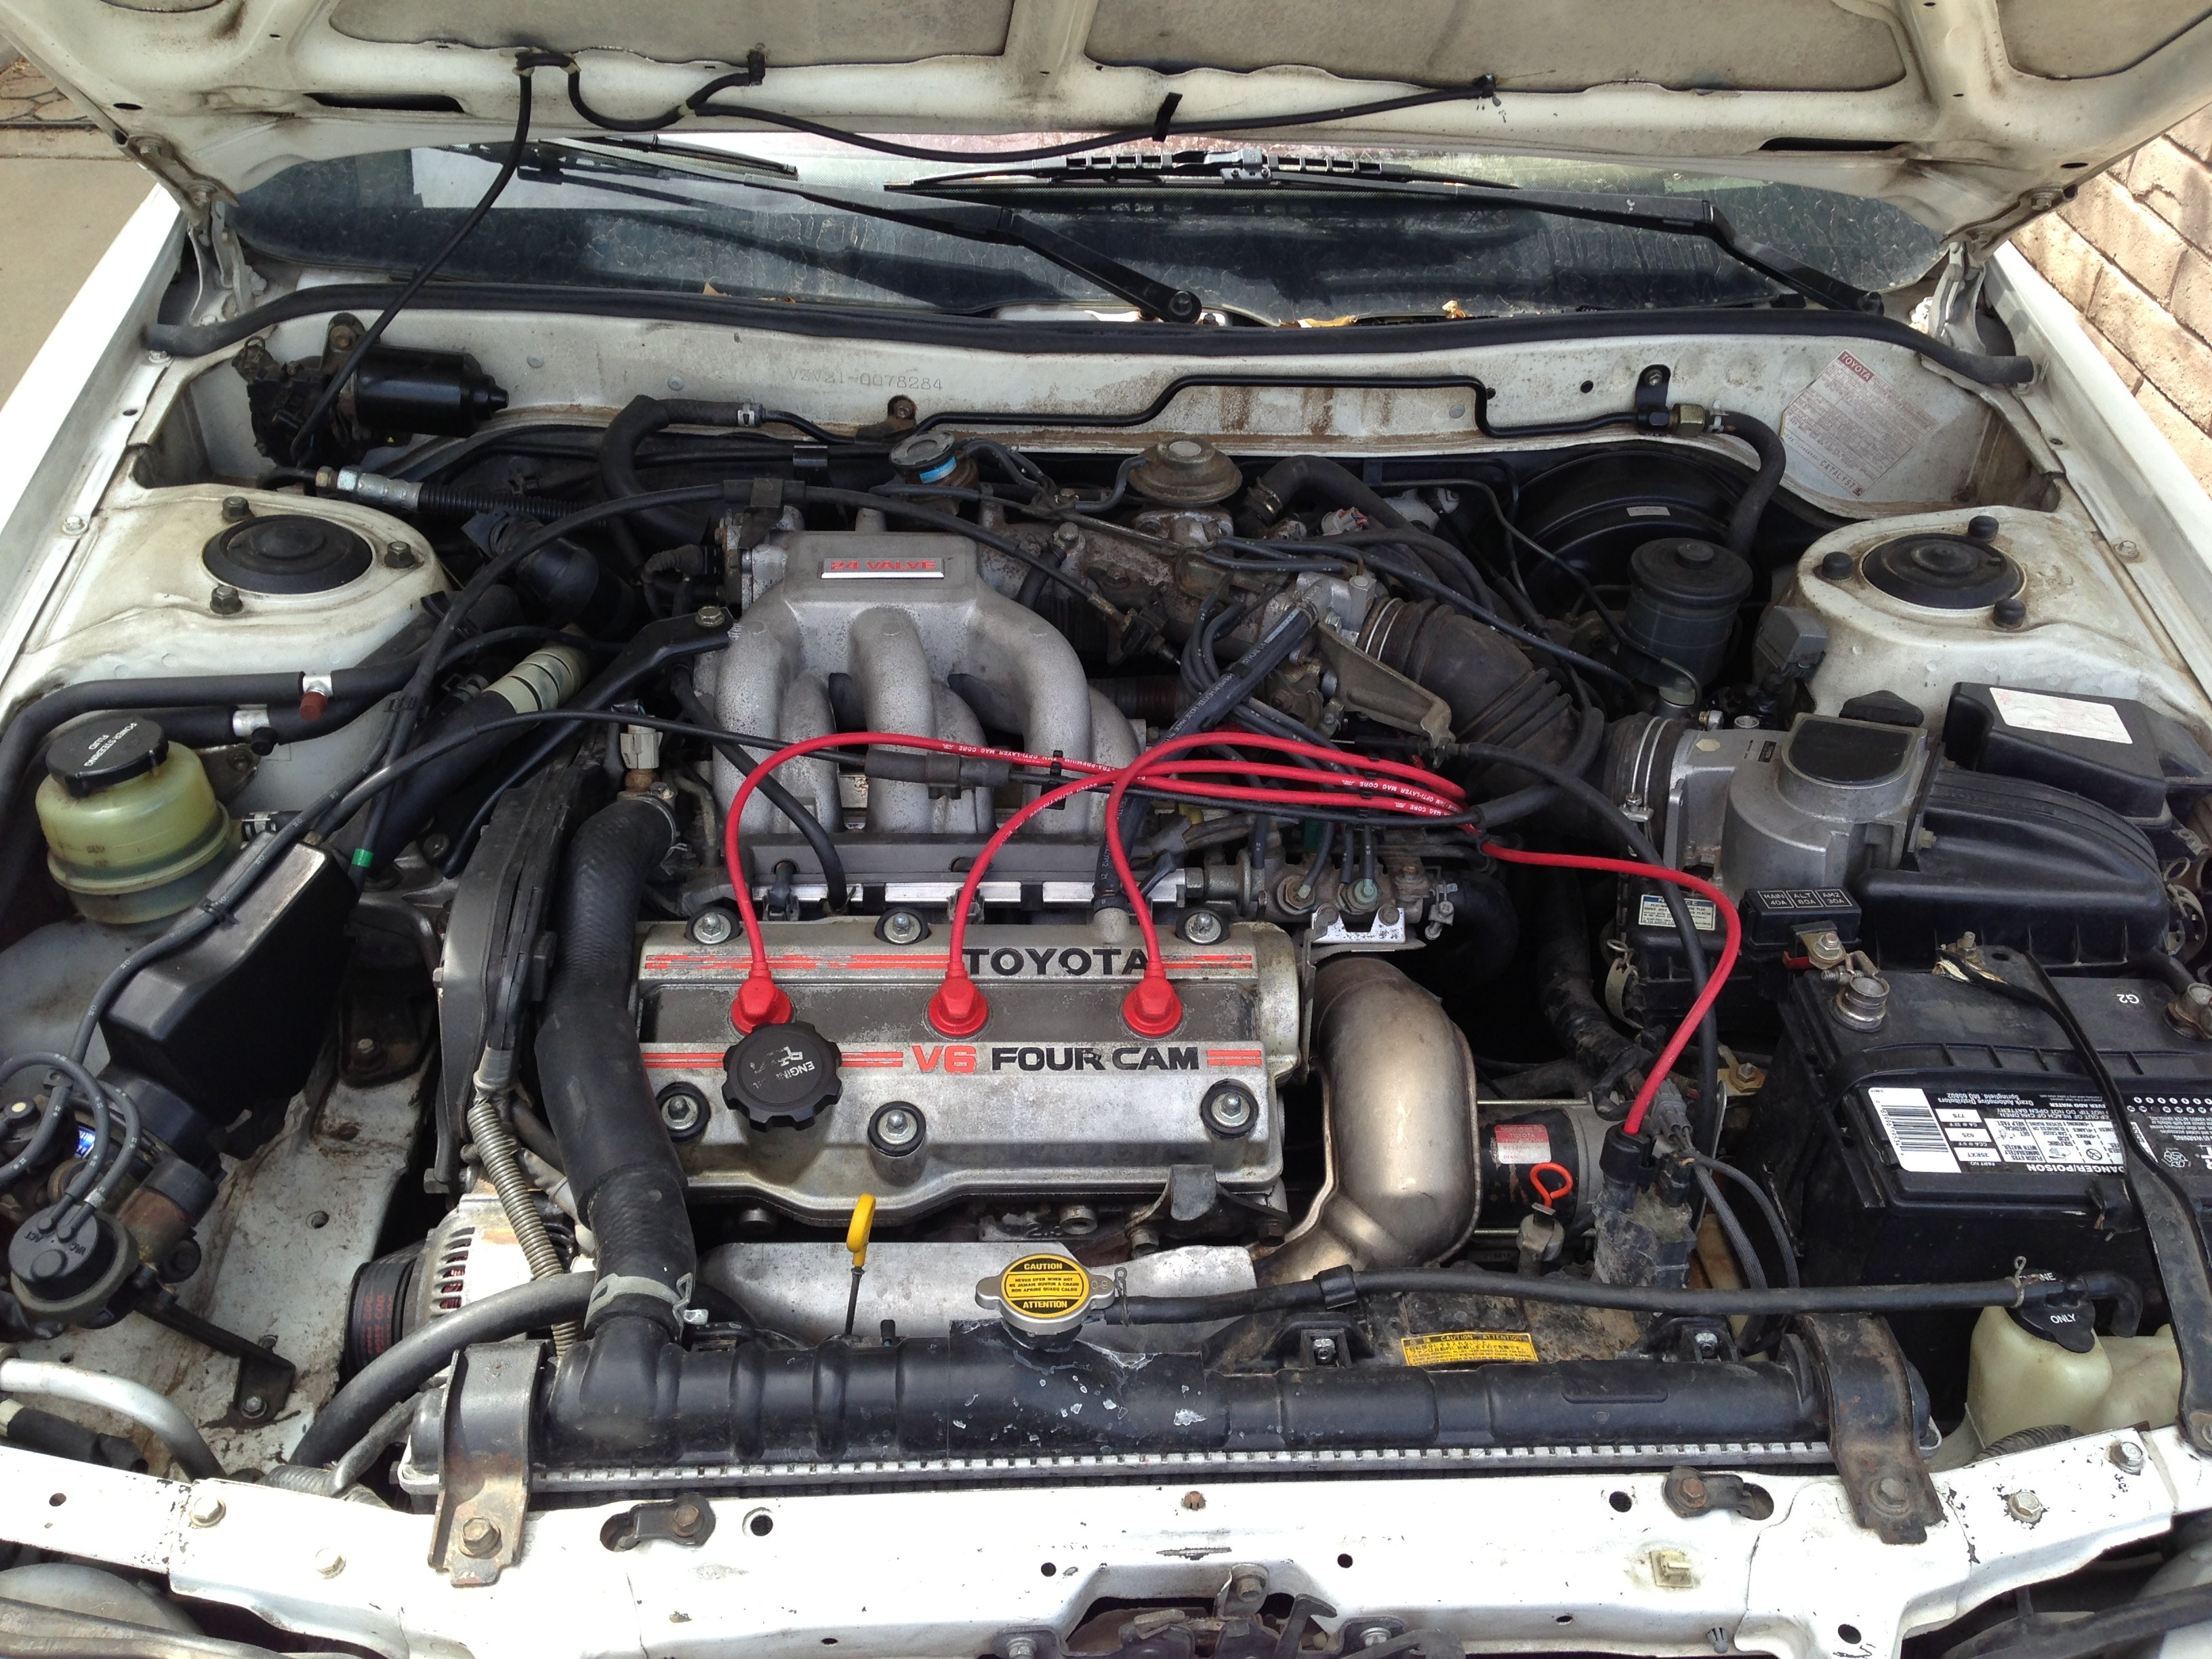 1990 toyota Camry Engine Diagram 1988 toyota Engine Parts Diagram Wiring Diagram toolbox Of 1990 toyota Camry Engine Diagram